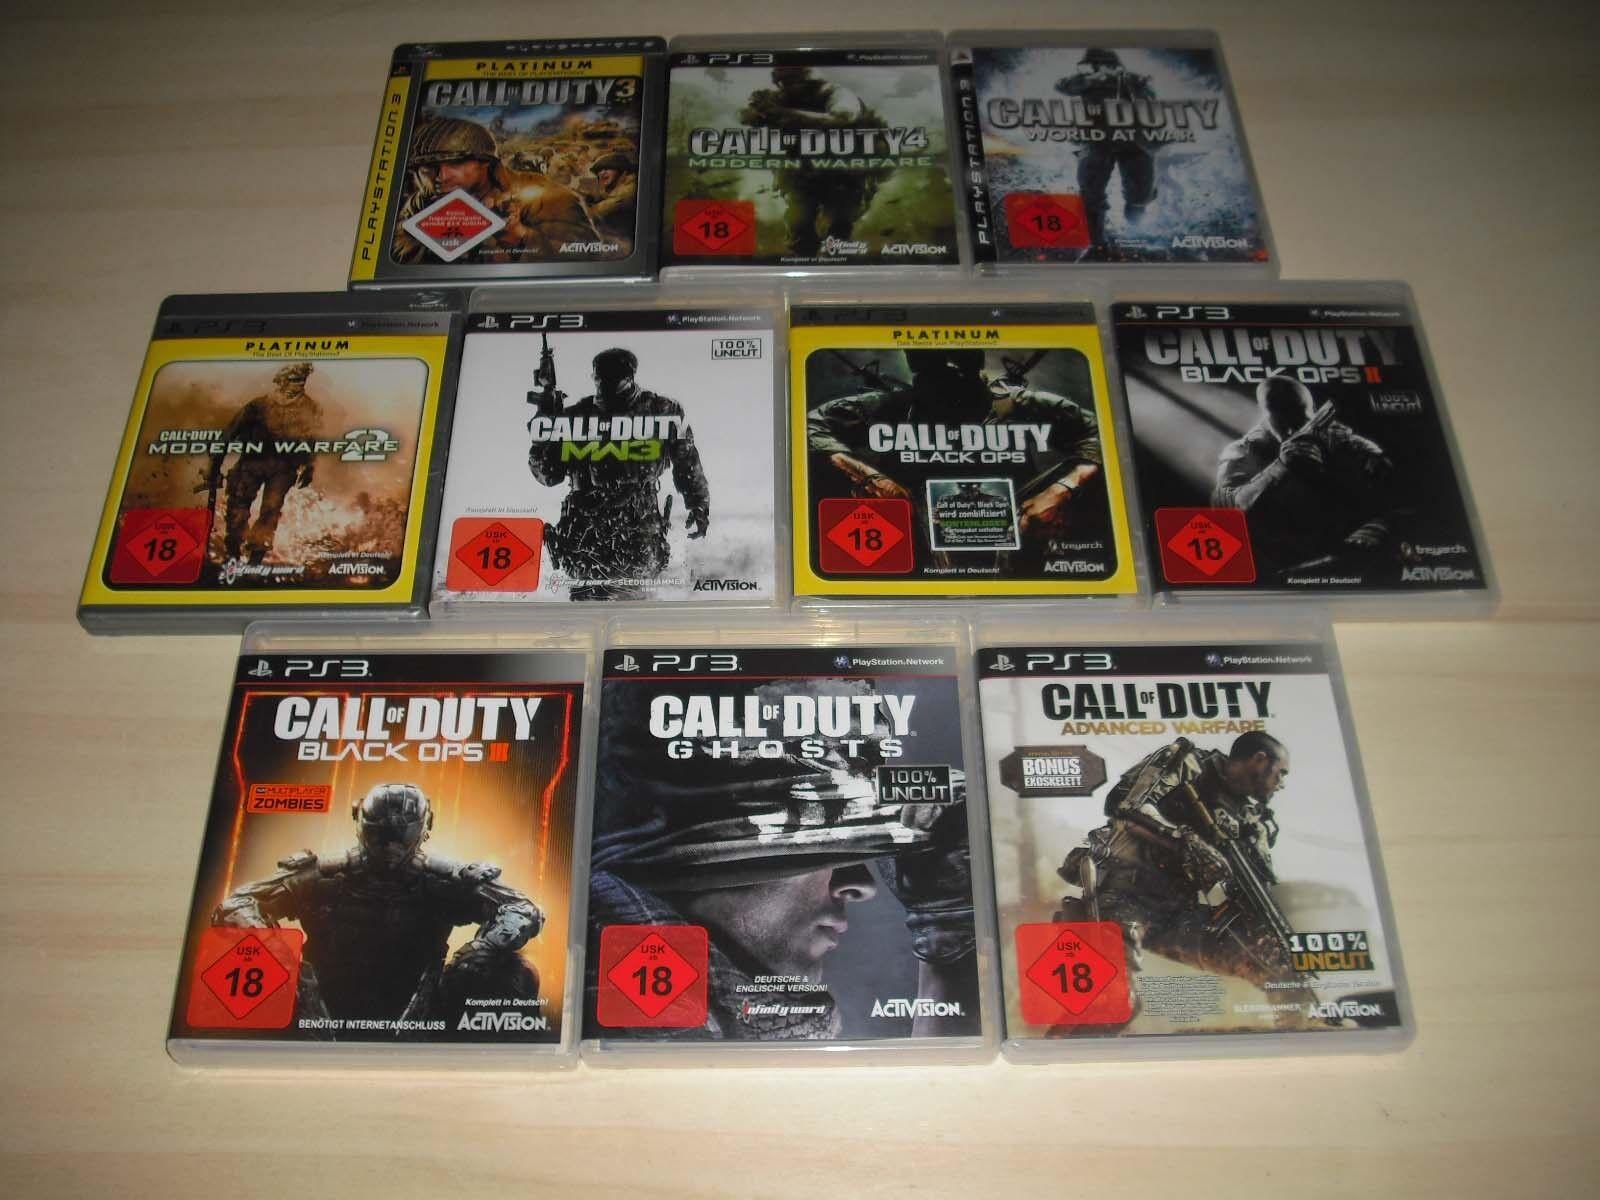 PS3 - 1 x Call of Duty Spiel nach Wahl - Playstation 3 **